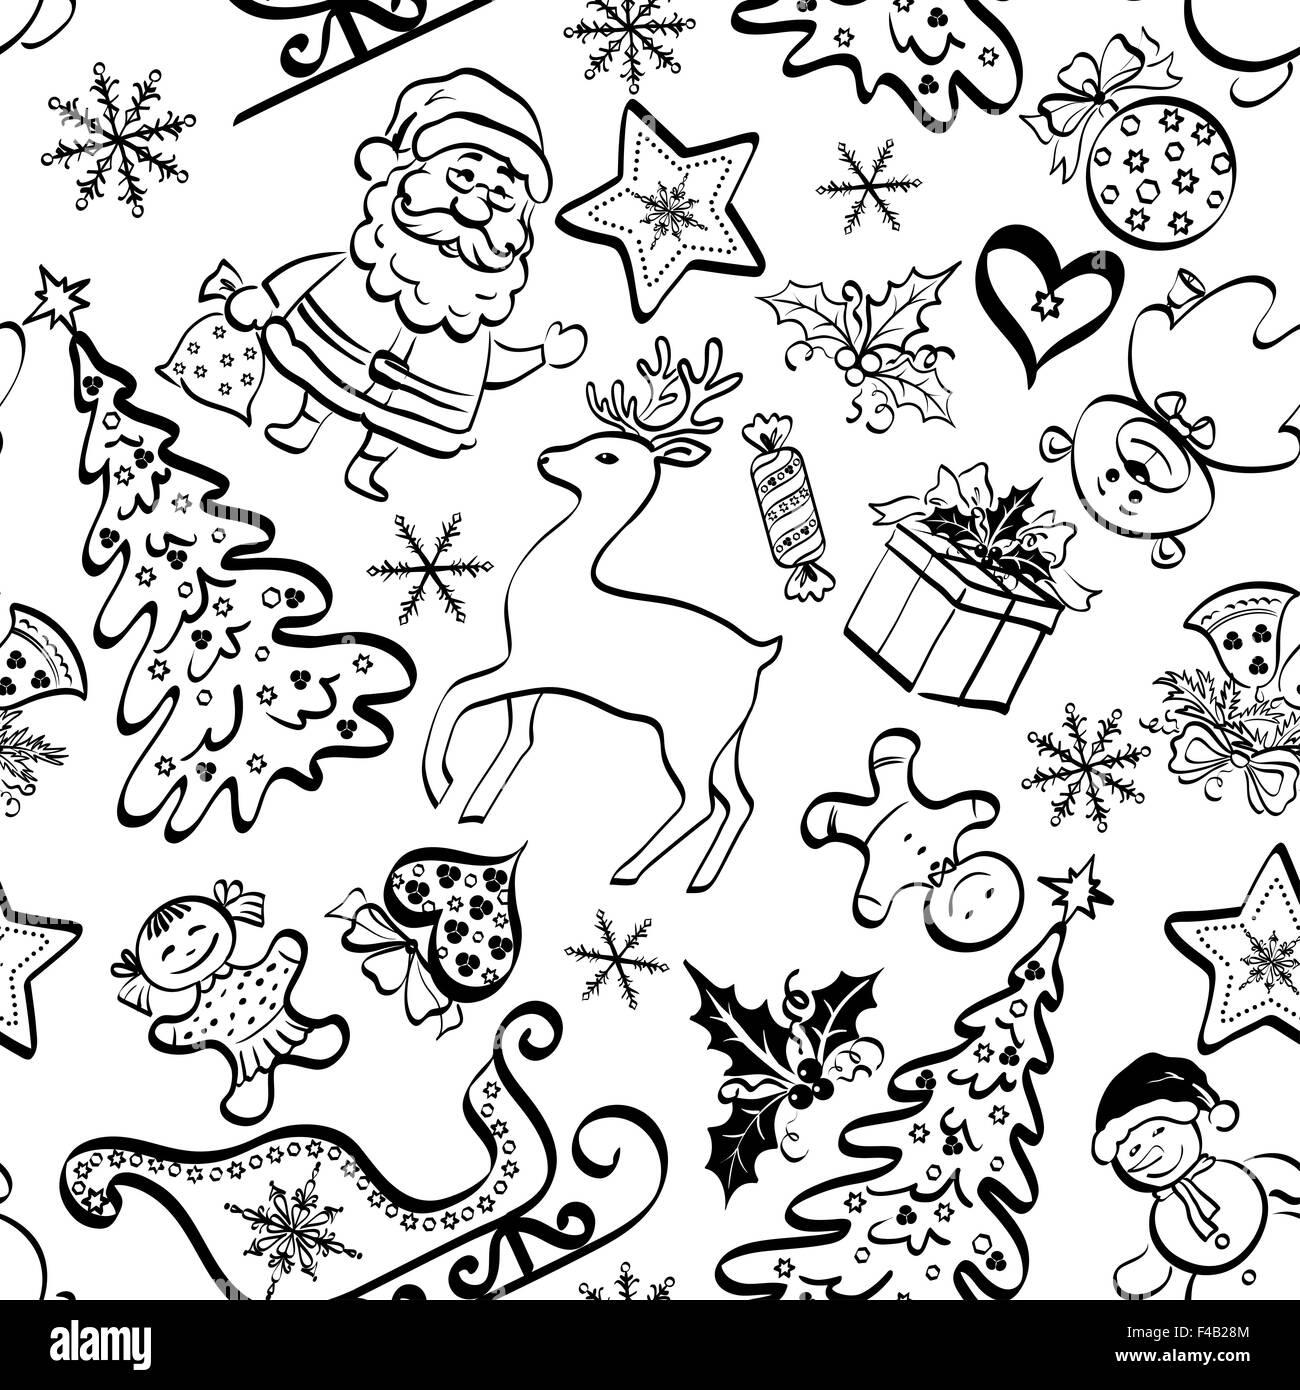 Weihnachten Musterdesign, Kontur Stockbild